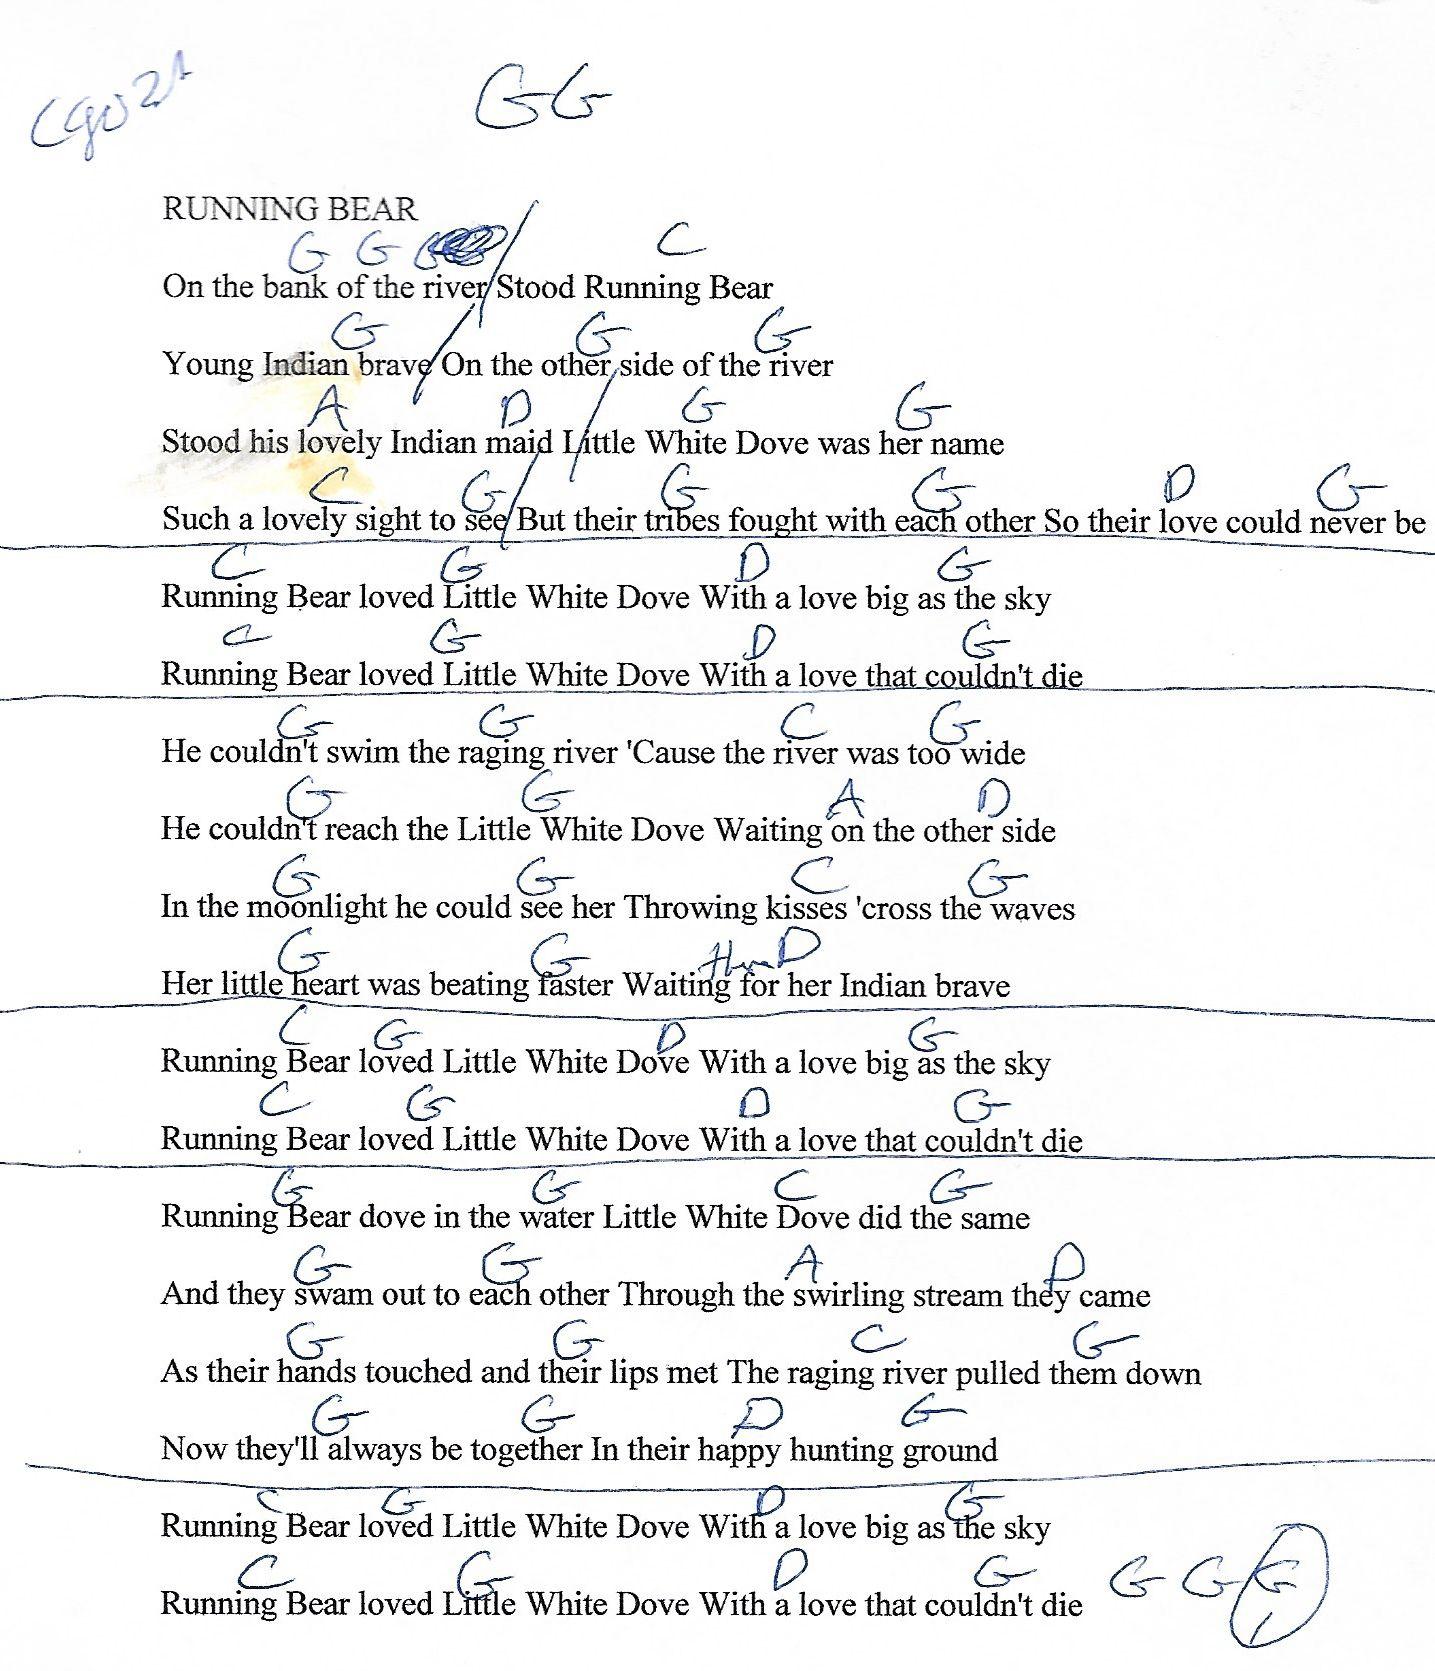 Running bear johnny preston capo 3rd guitar chord chart with running bear johnny preston capo 3rd guitar chord chart with lyrics http hexwebz Gallery